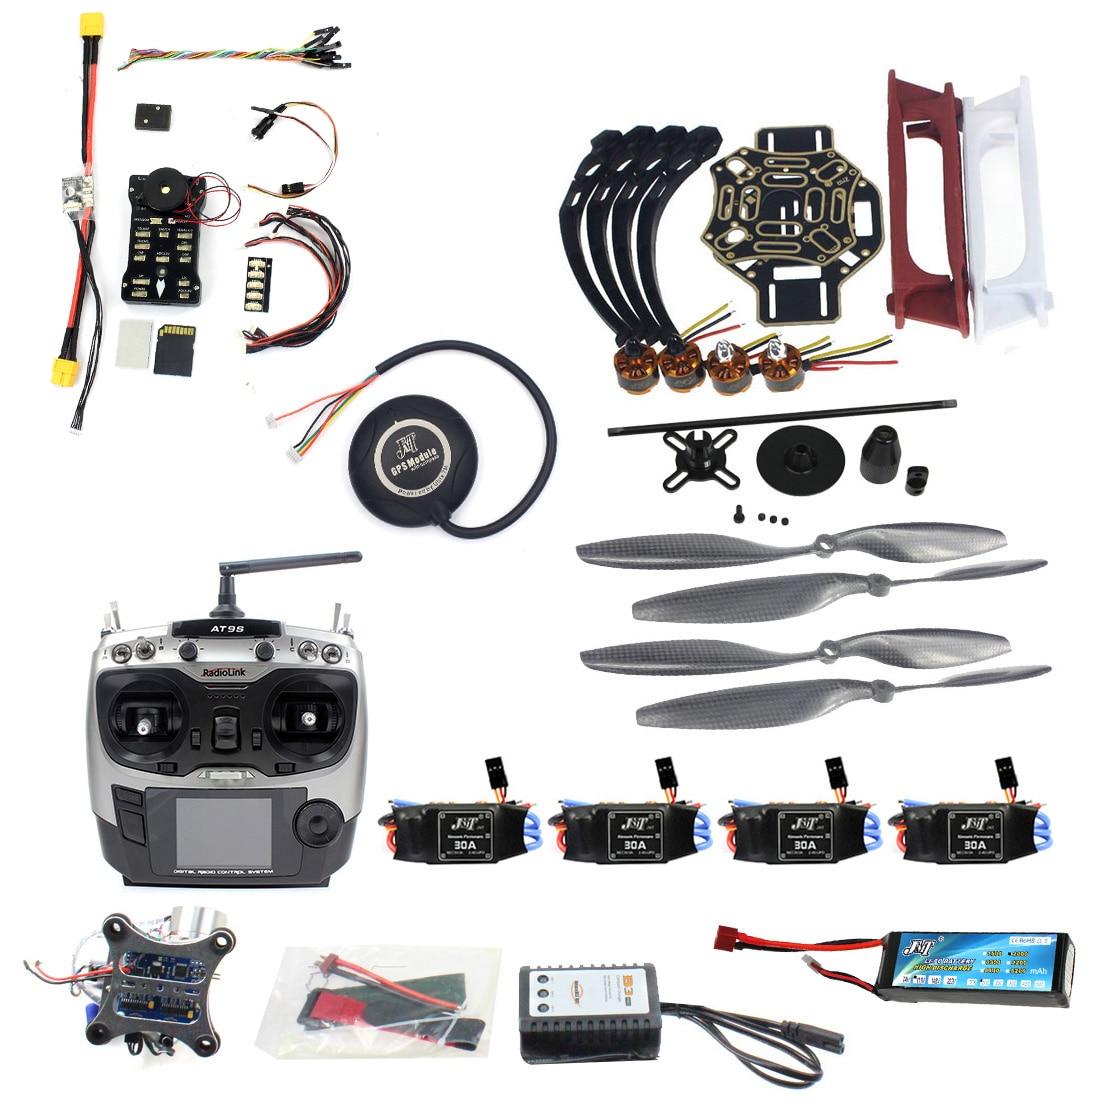 Kit DIY RC FPV Zangão 4-eixo Quadro Quadcopter com F450 920KV PXI PX4 PIXHAWK Flight Control GPS Do Motor AT9S Transmissor Receptor